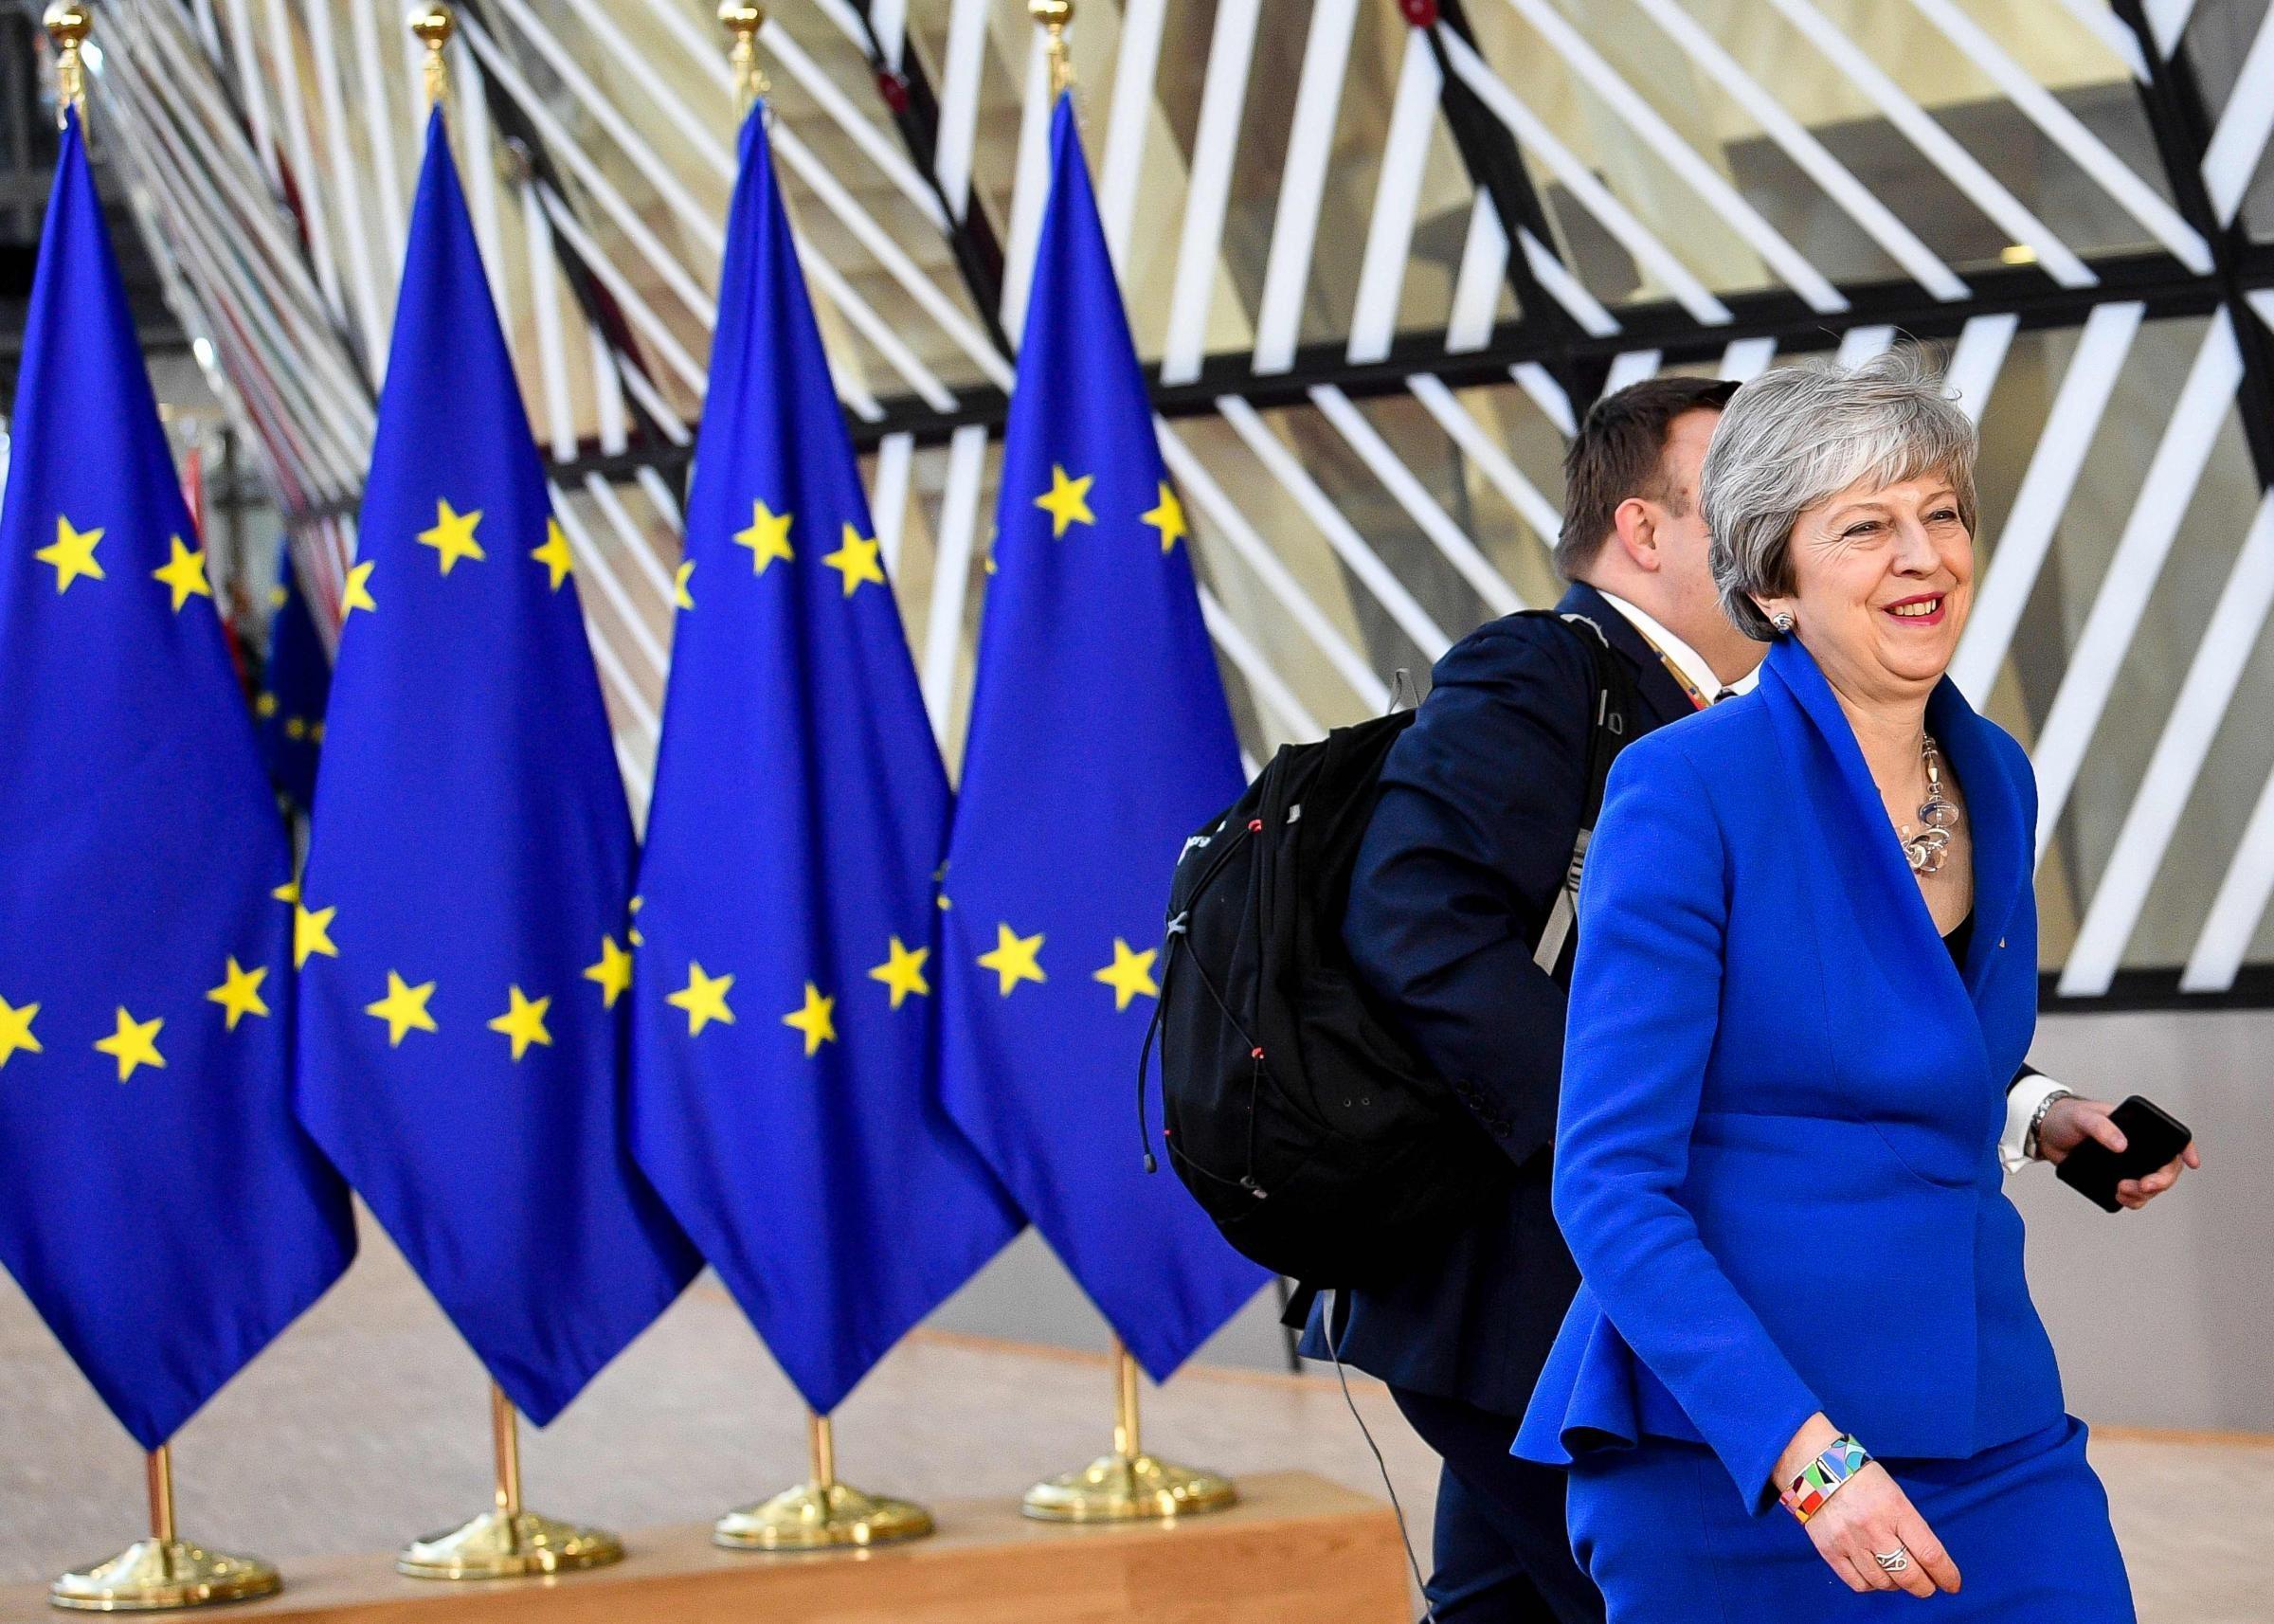 Brexit, divorzio rinviato al 31 ottobre: accordo tra Ue e Regno Unito per la proroga